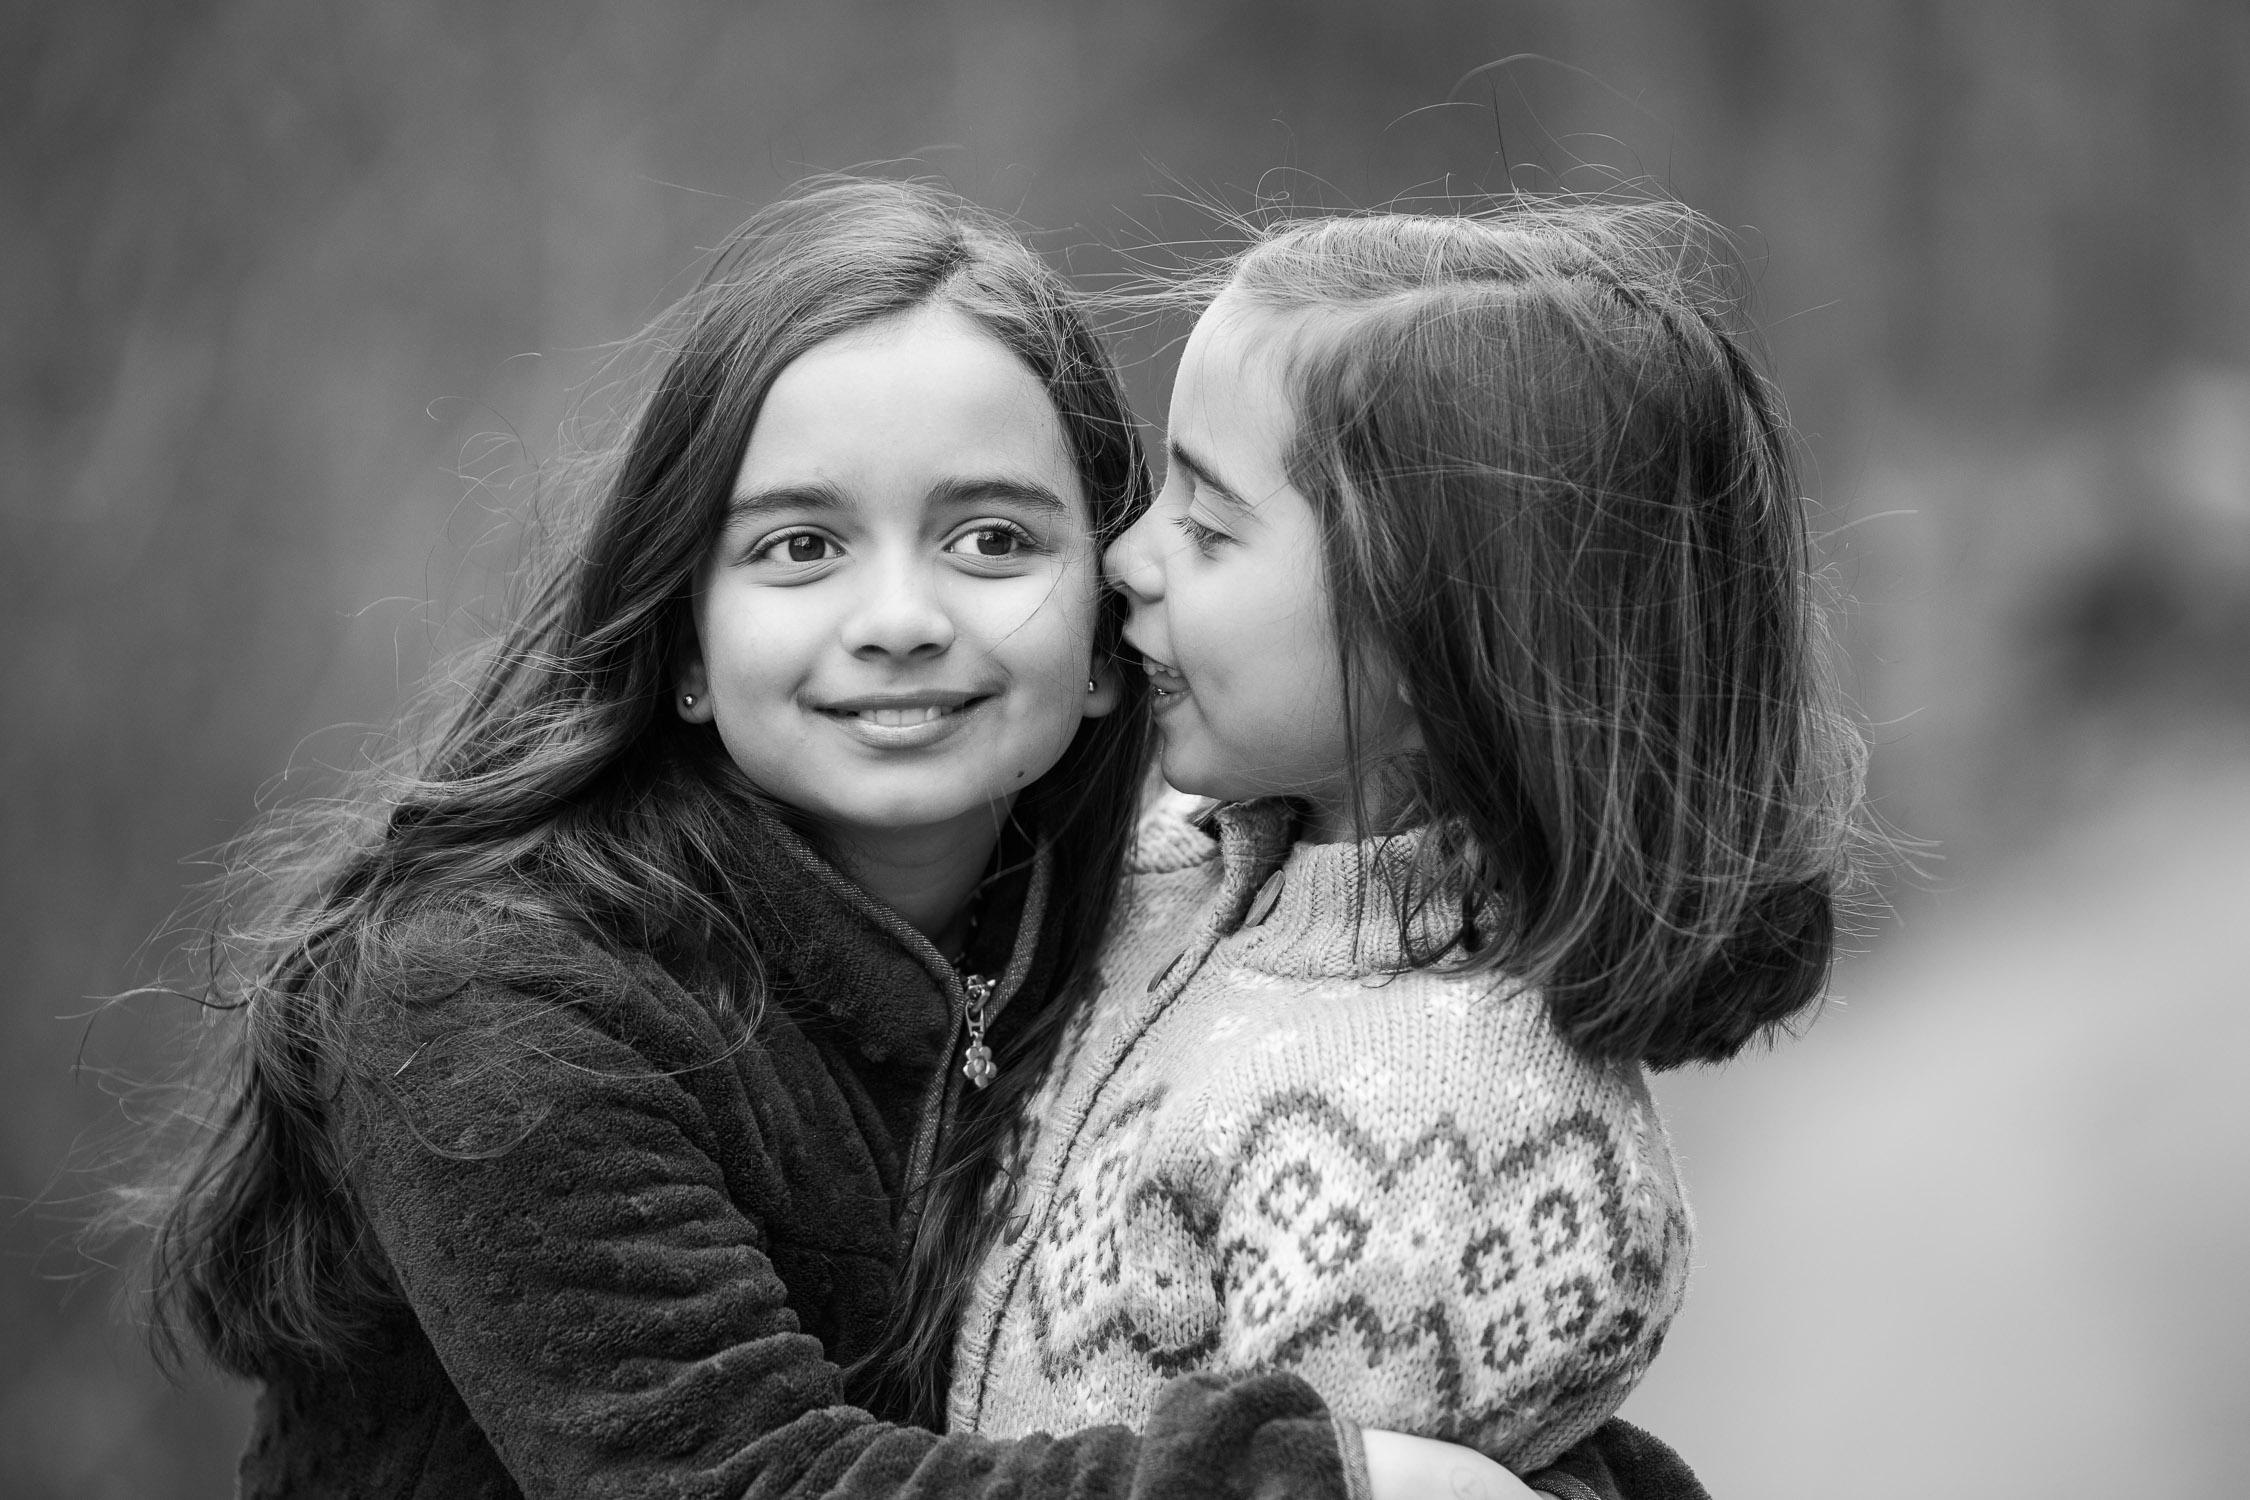 barn-fotograf-mariefred-strangnas-nykvarn-1